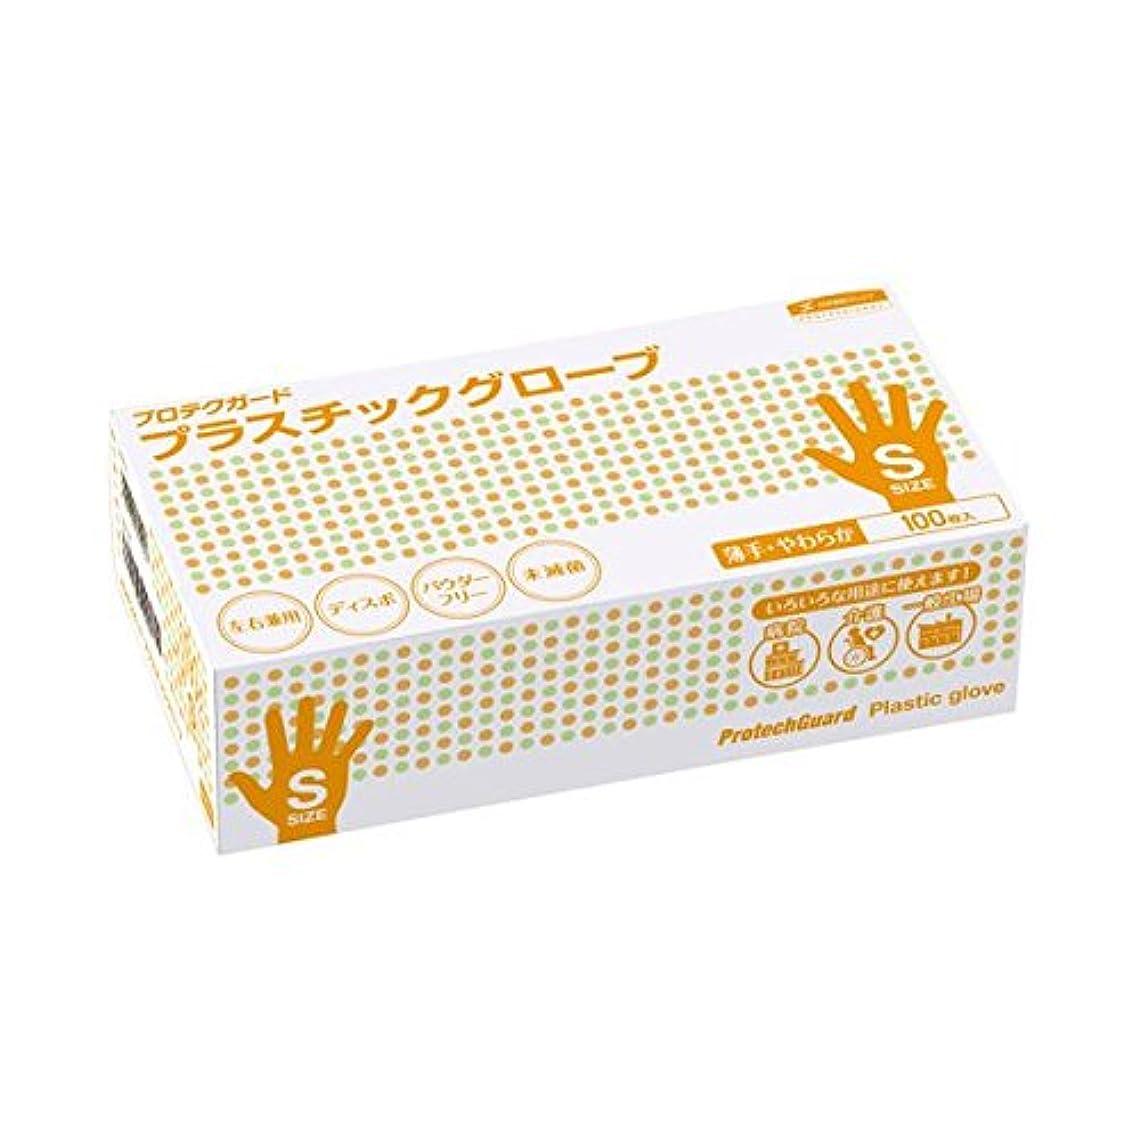 レザー評判放牧する(業務用20セット) 日本製紙クレシア プロテクガード プラスチックグローブS